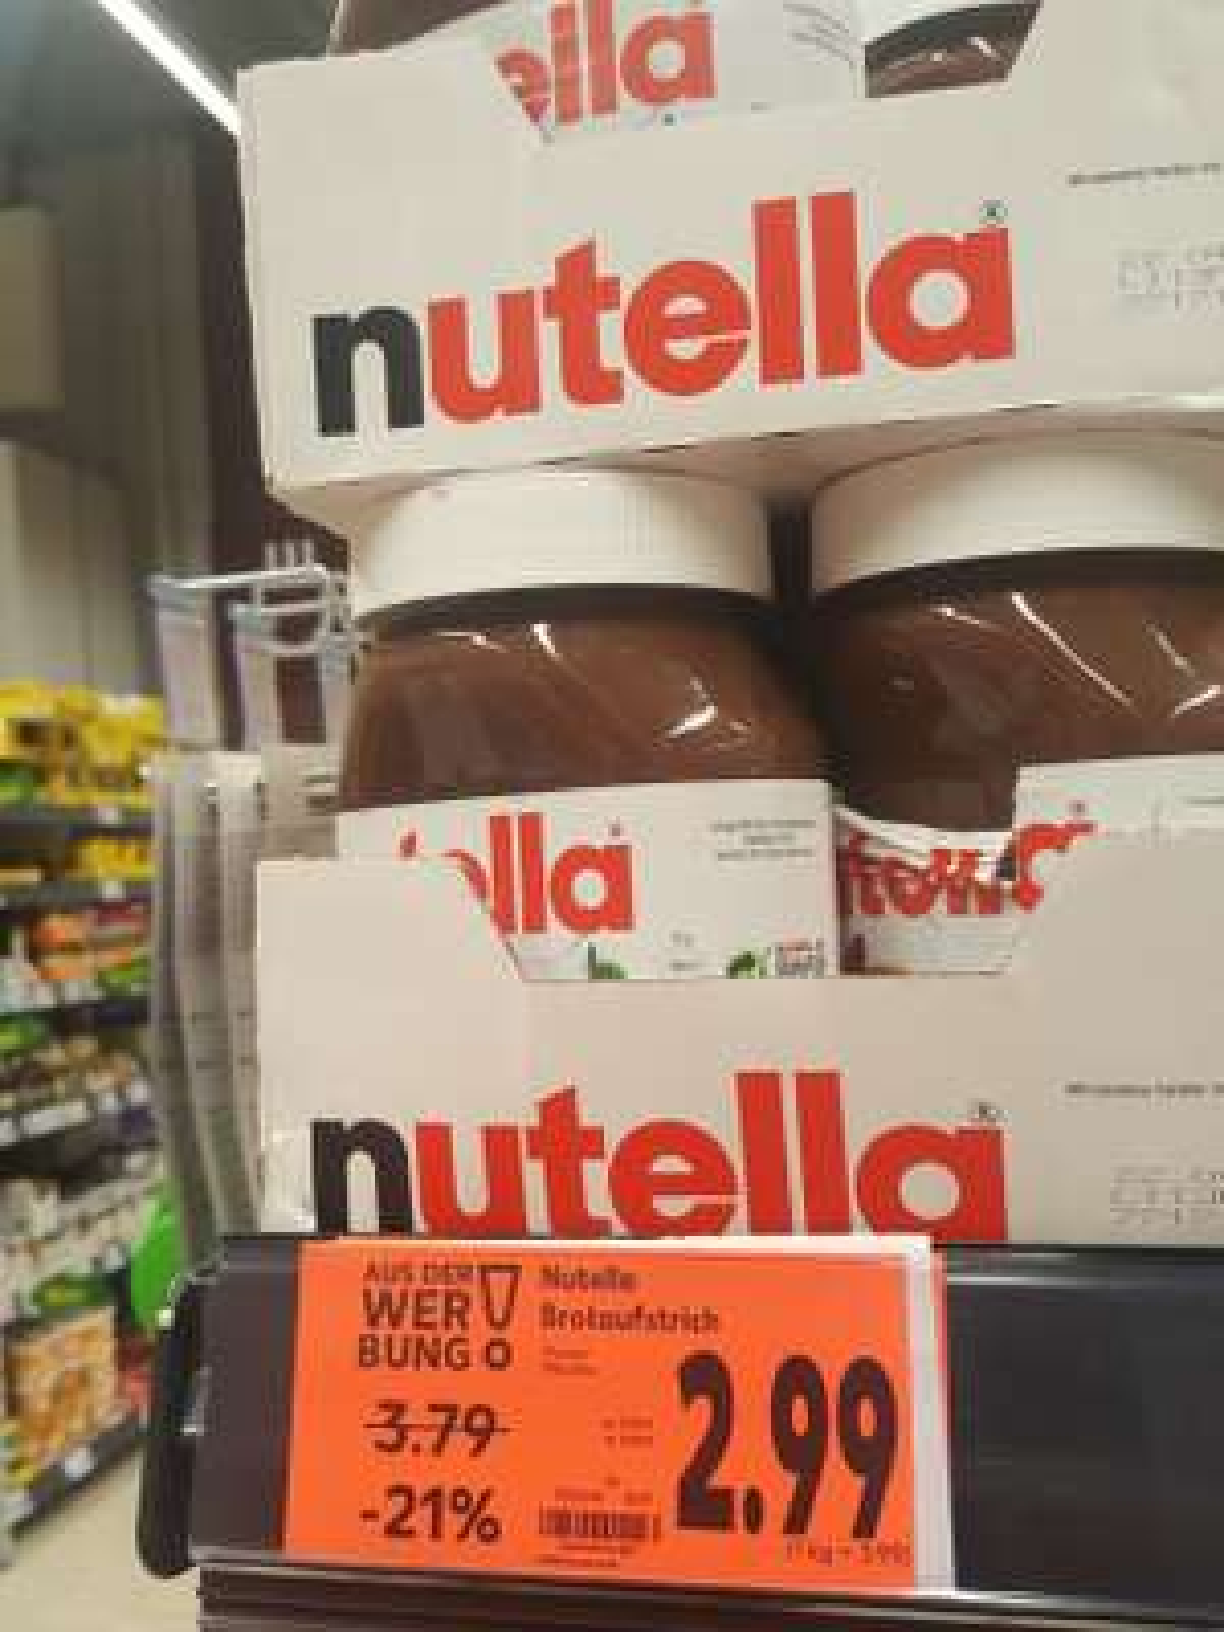 Nutella 750g 2.99€ 1000g 3.99€